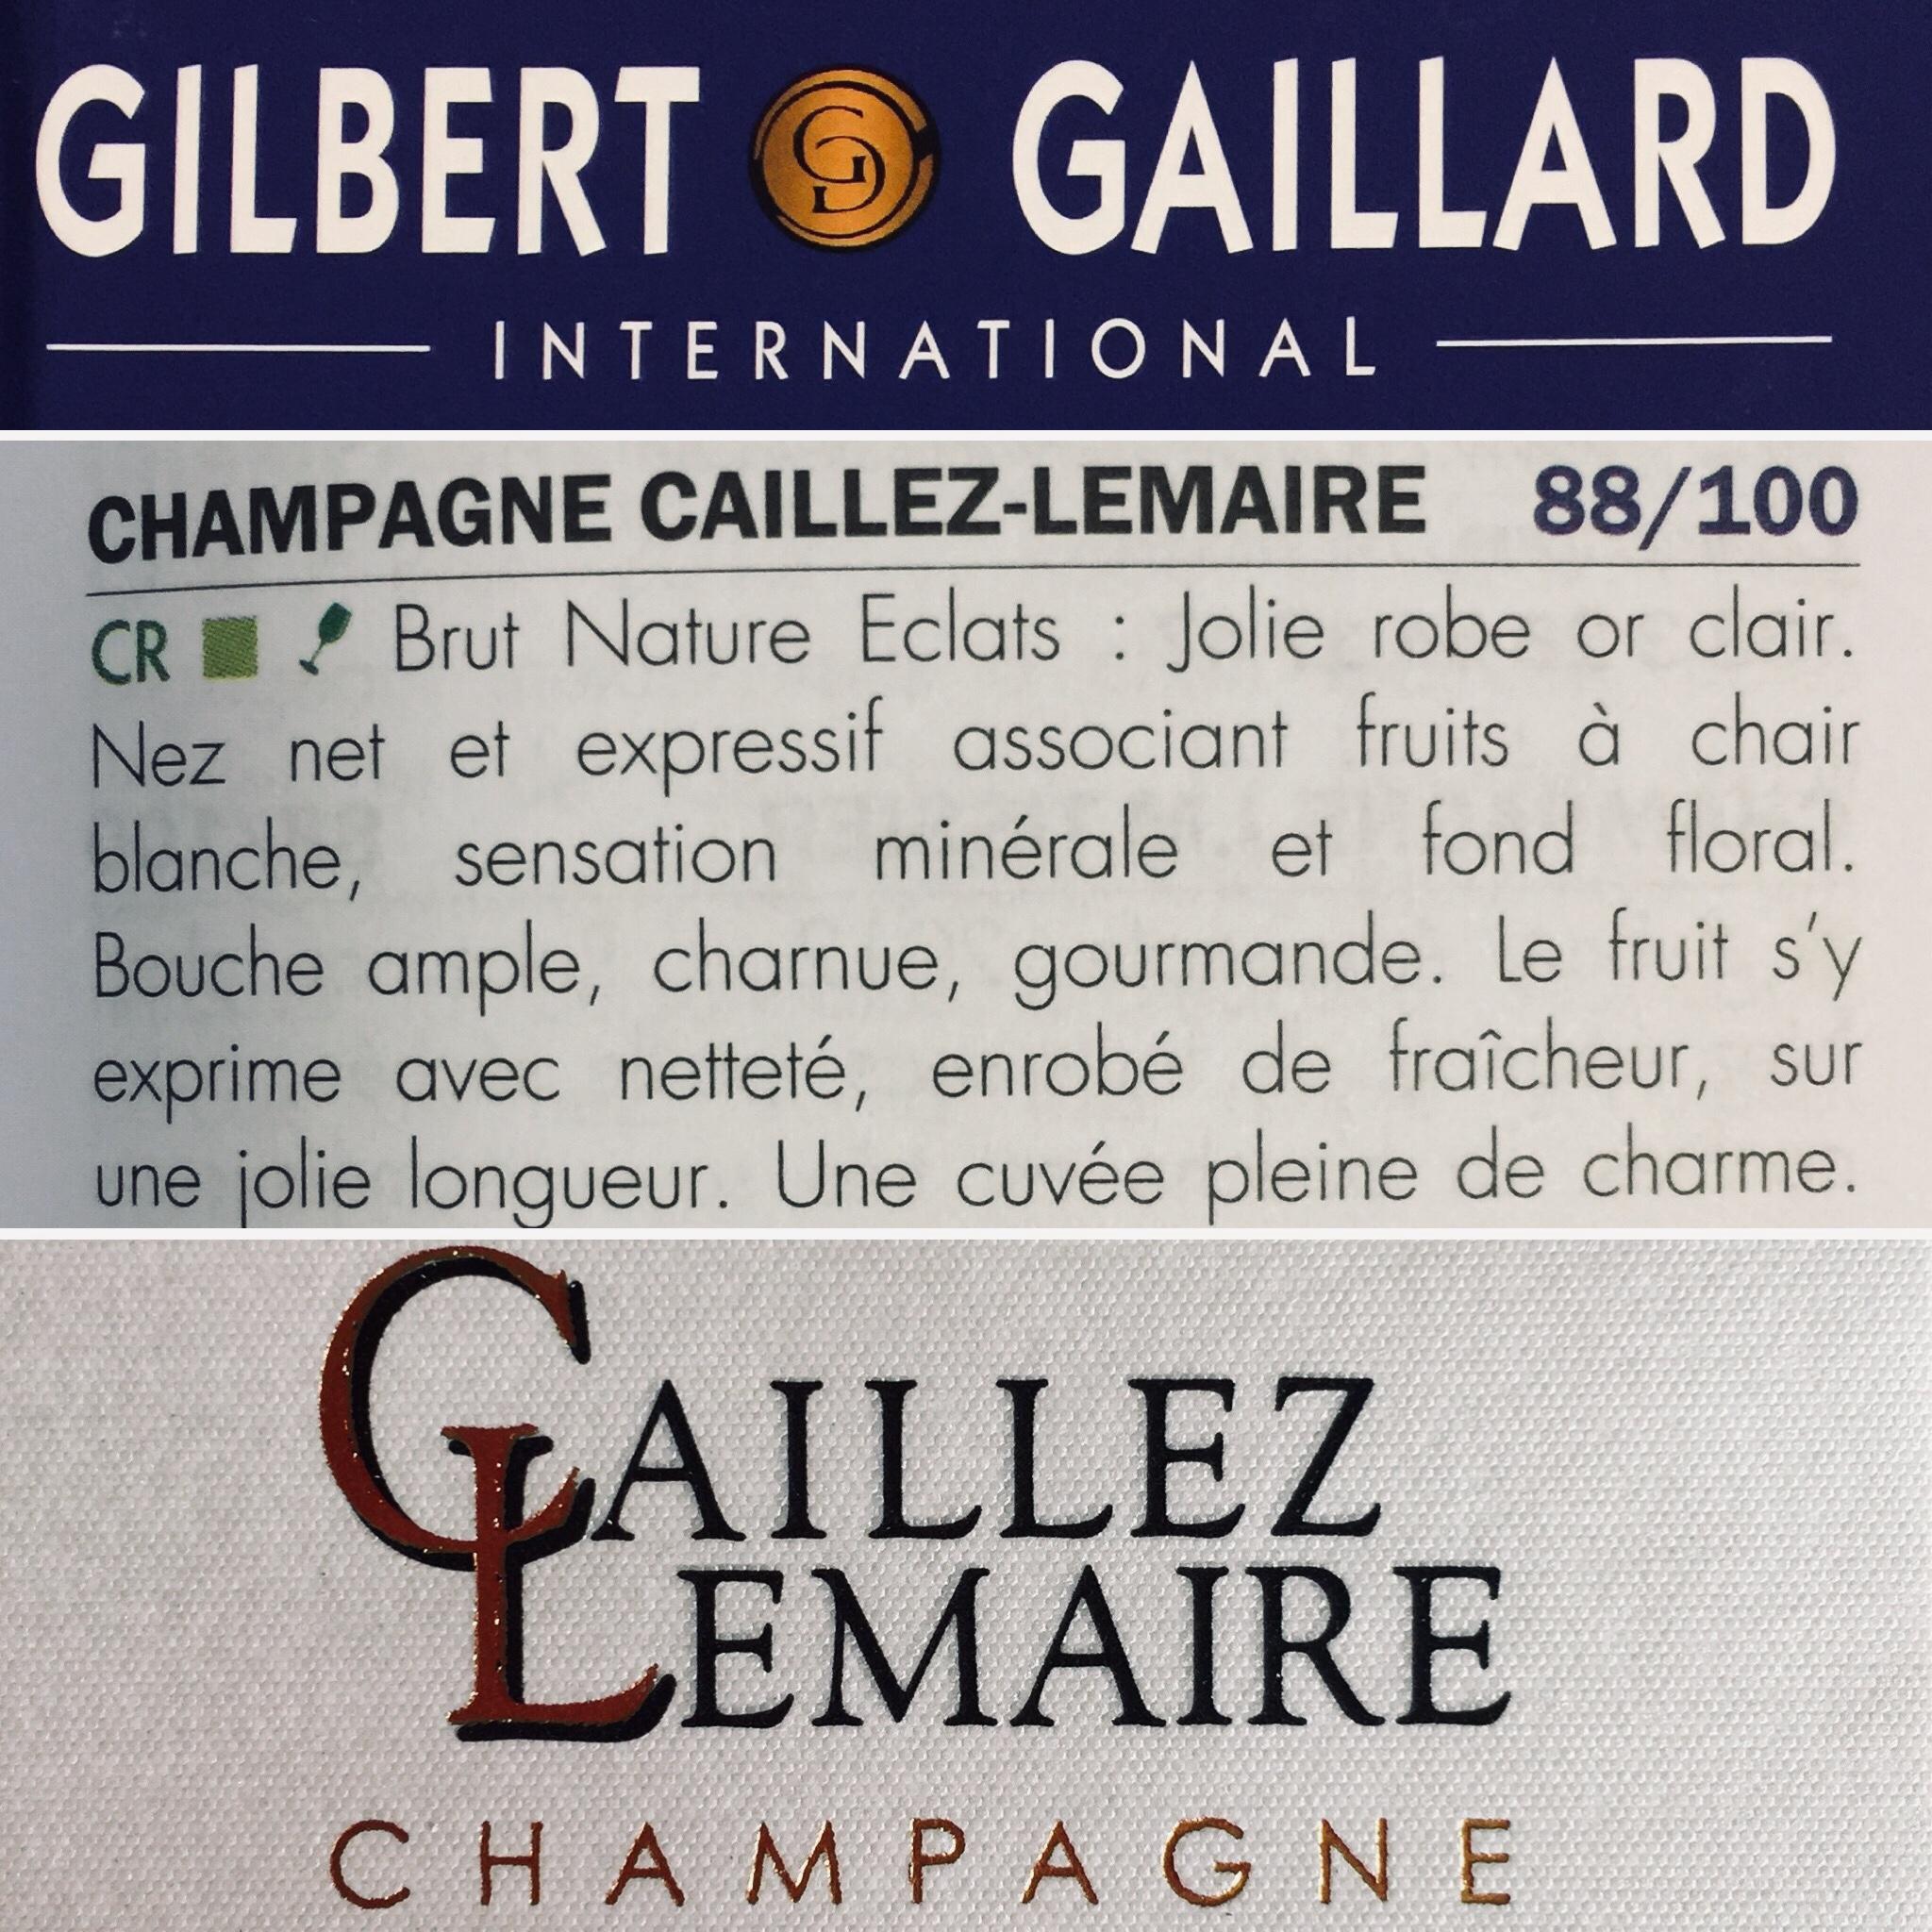 Champagne d'assemblage : Chardonnay, pinot noir, meunier ; vinification majoritaire en fûts de chêne ; 5 ans sur lattes.